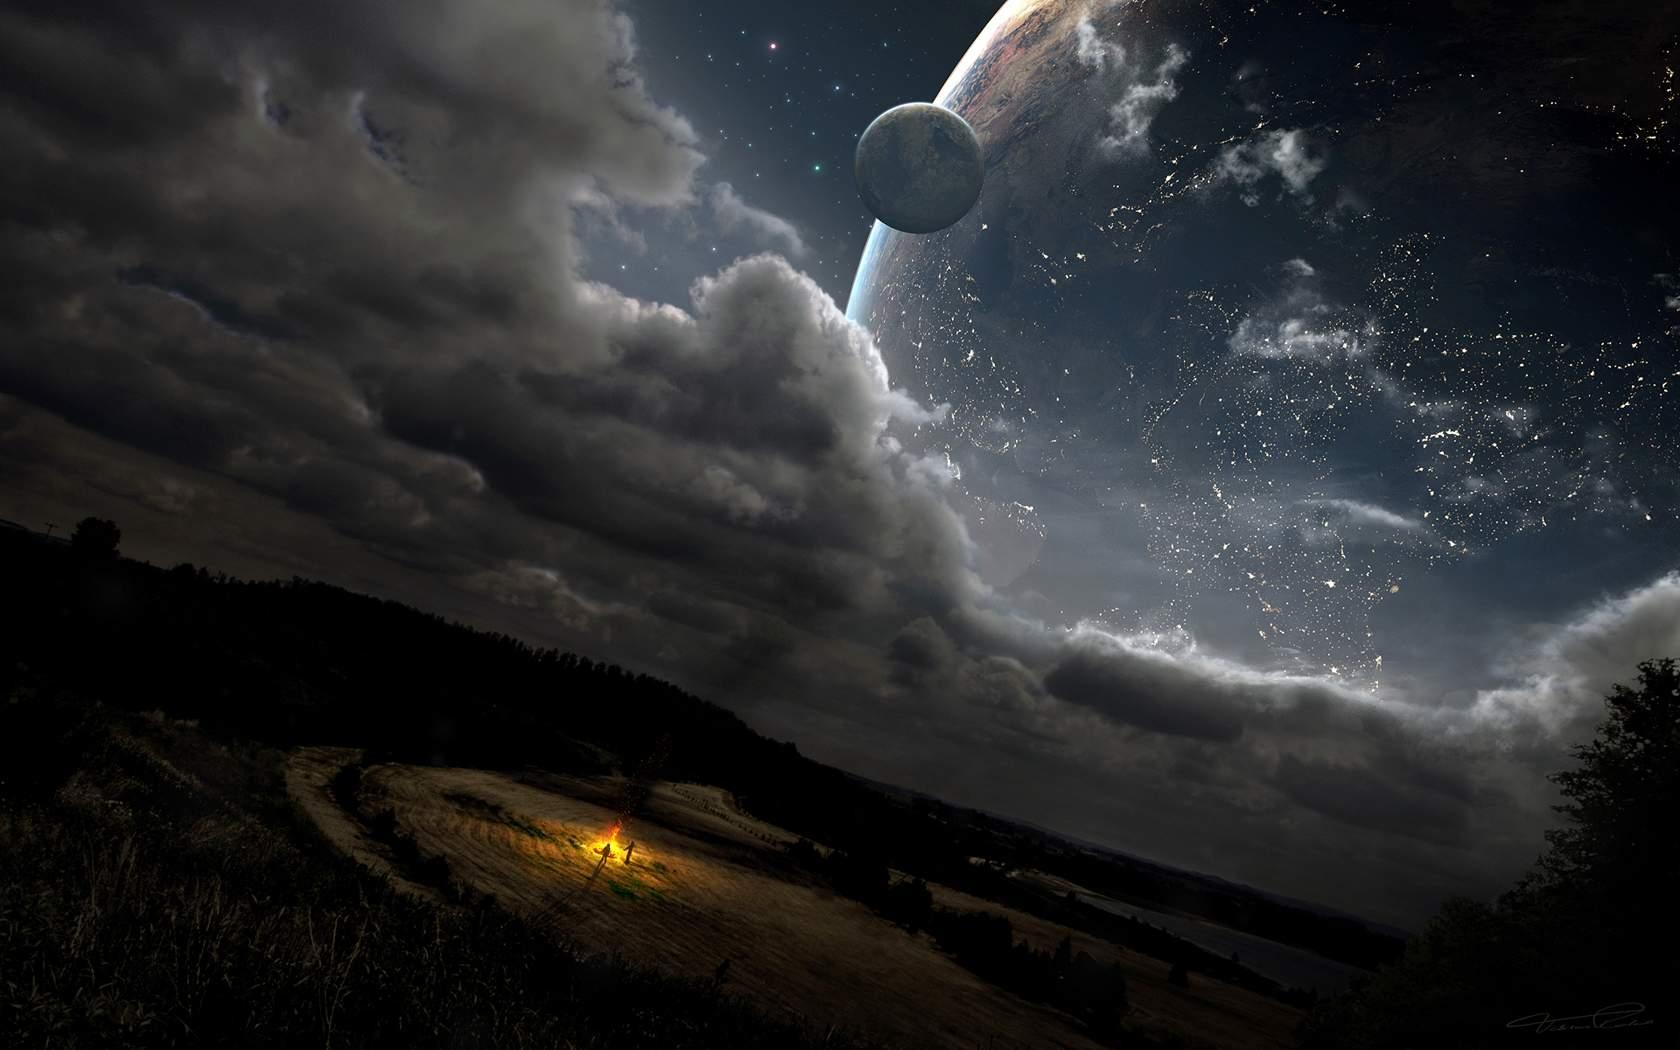 Почему мы видим сон ? Толкование снов и  их значение.